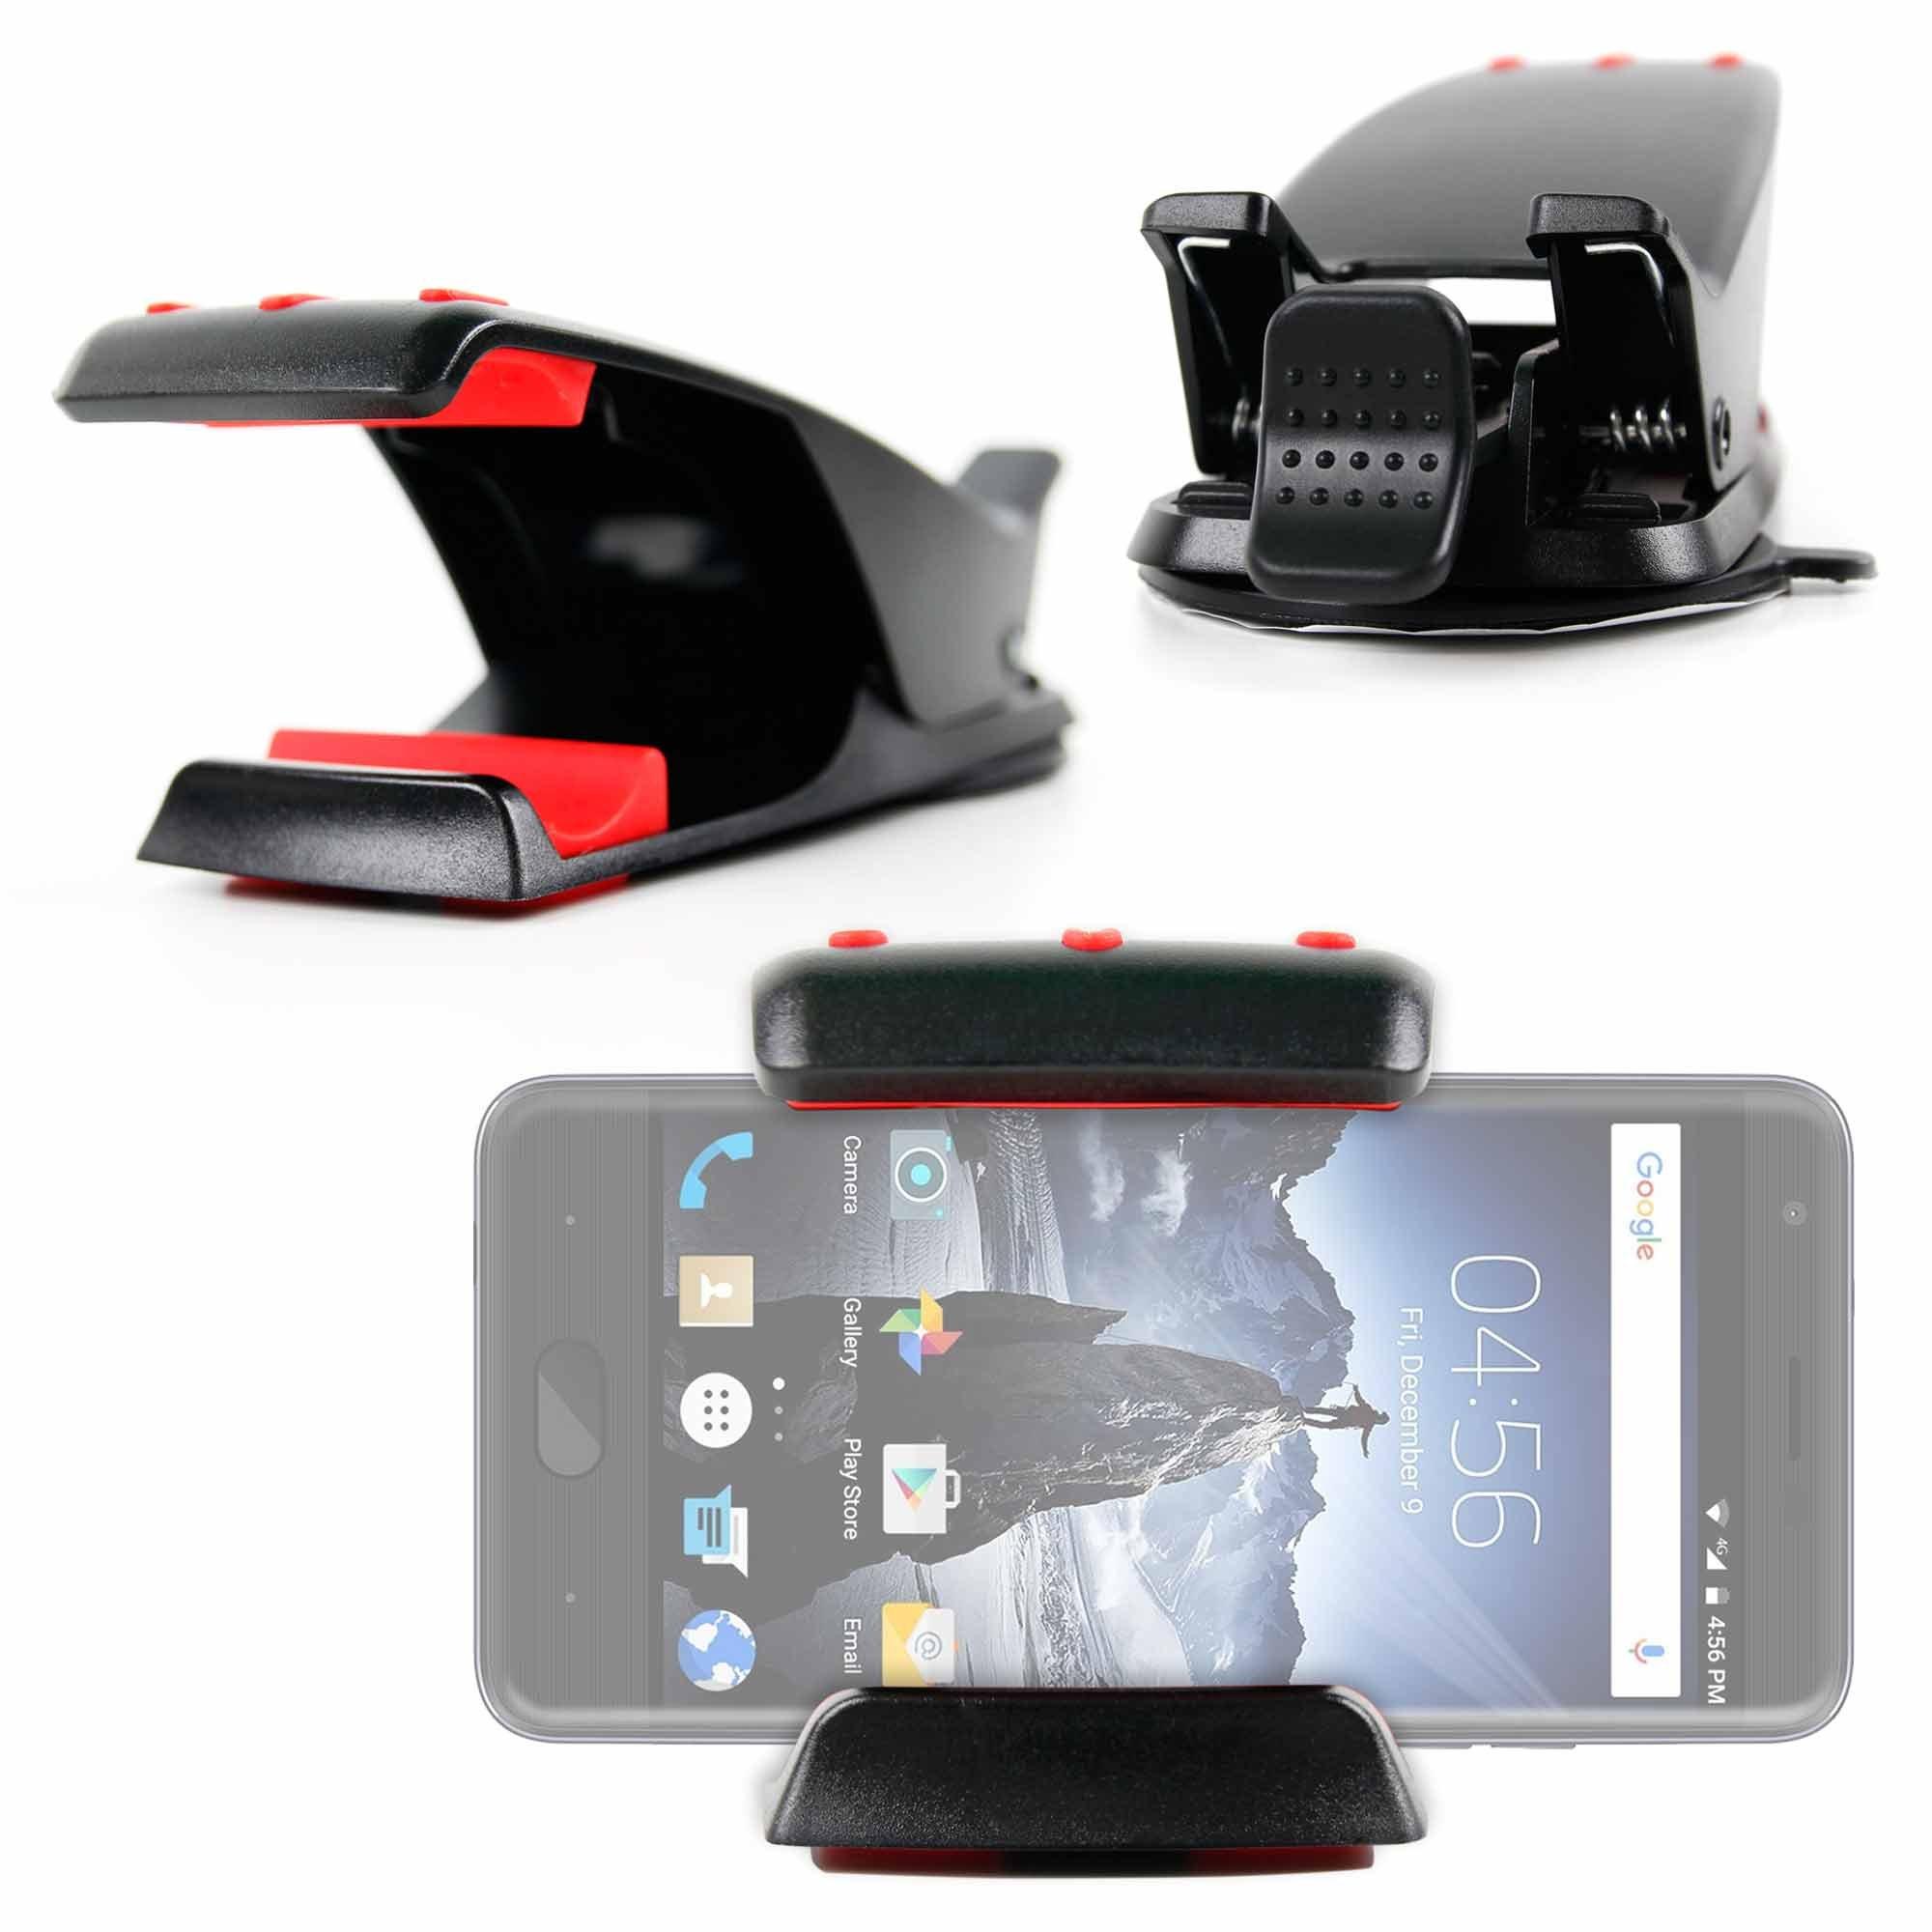 DURAGADGET Soporte para Smartphone Haehne Ulefone U008 Pro con ...